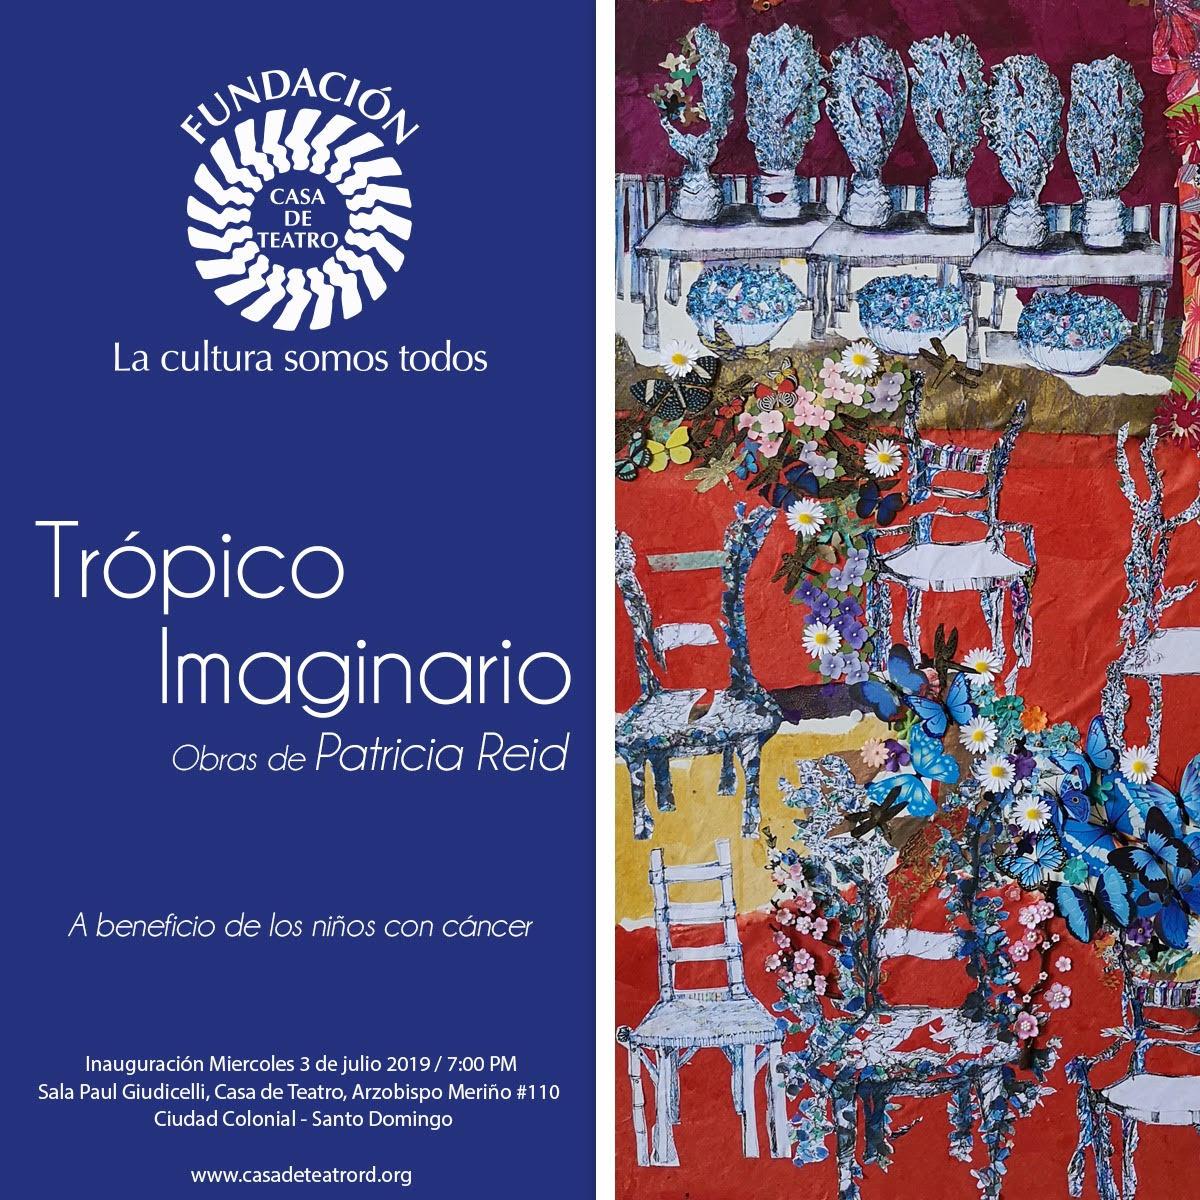 TropicoImaginario.jpg